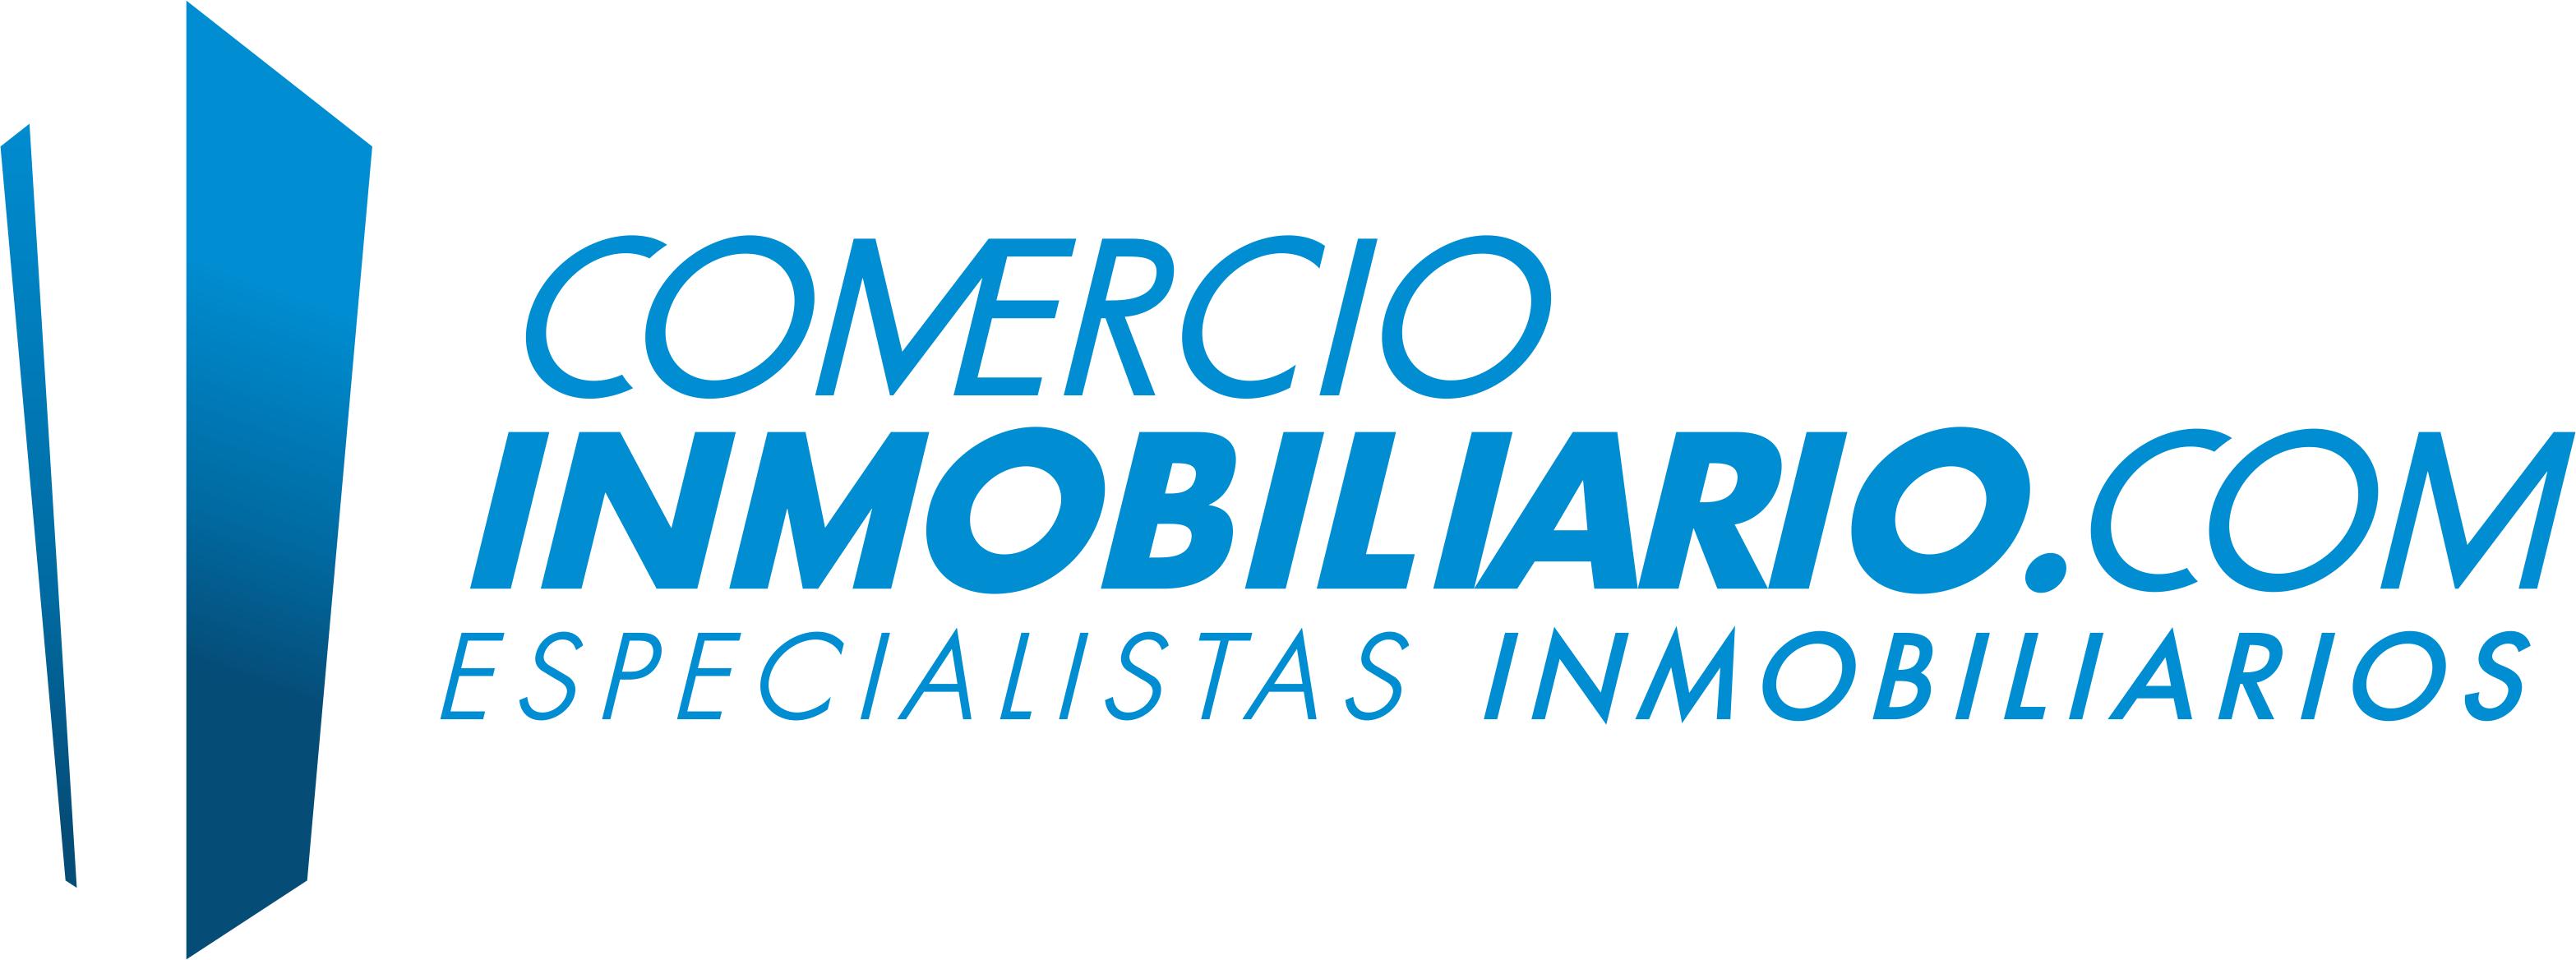 Logotipo de Comercio Inmobiliario